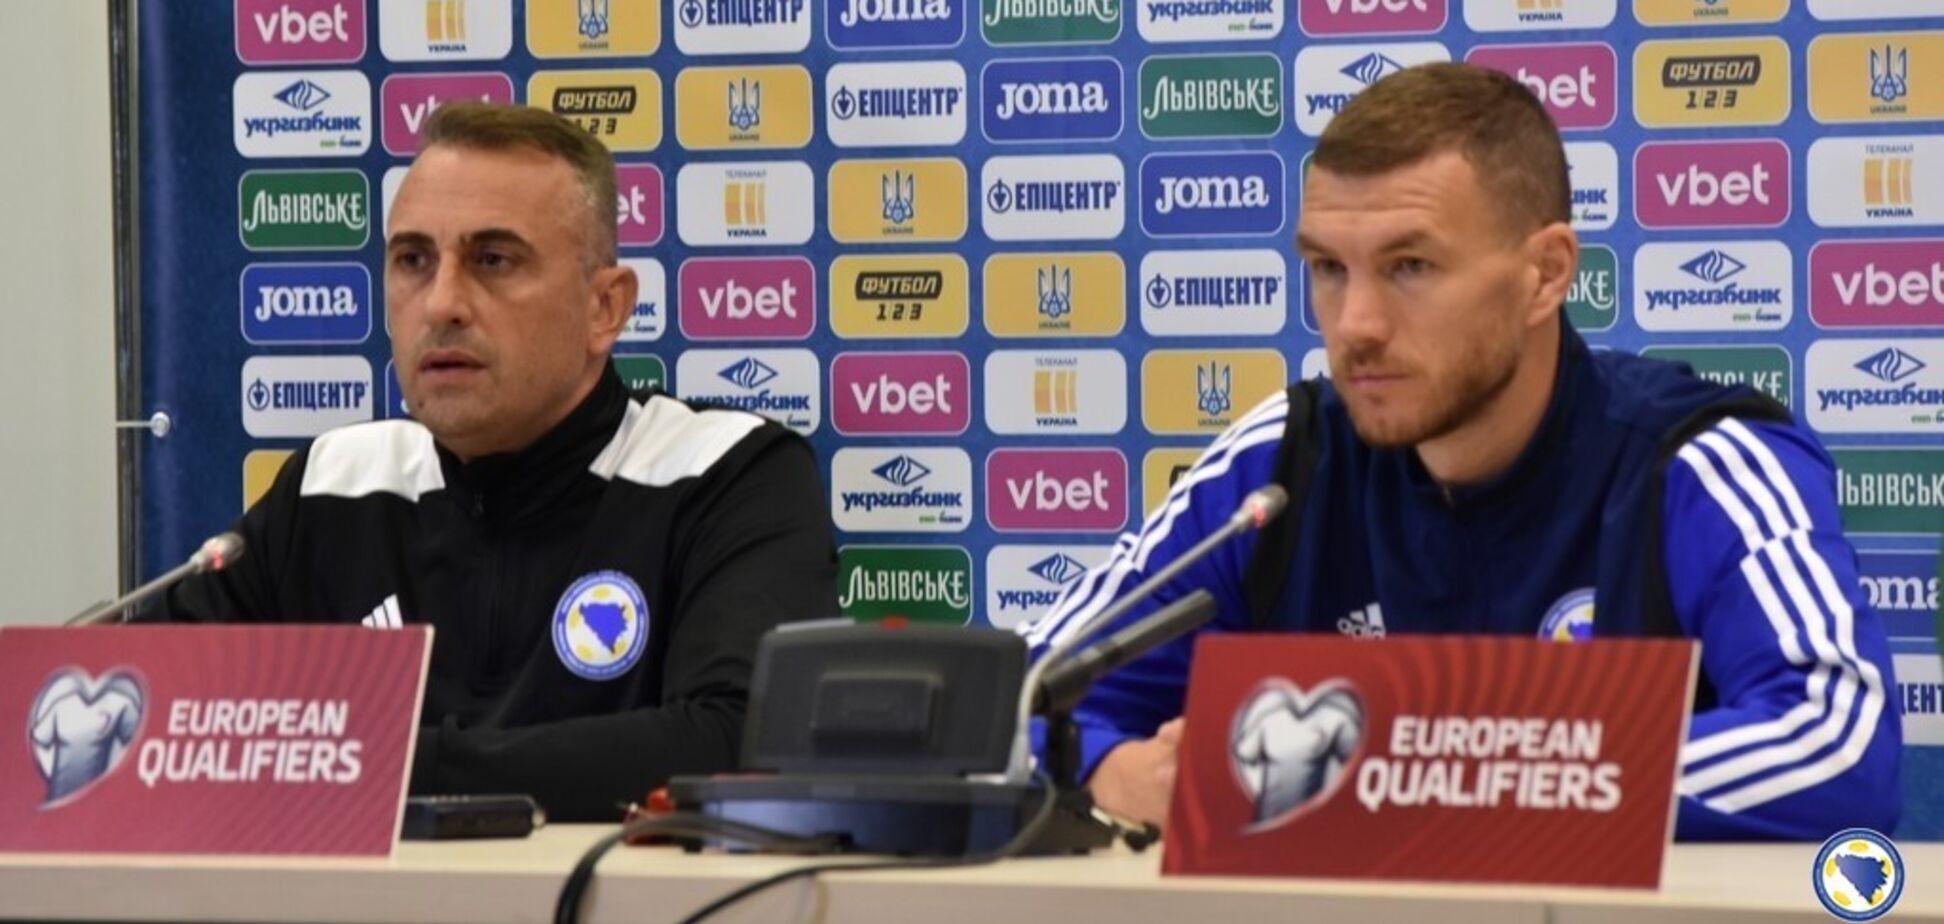 Лідер боснійців відреагував на те, що Шевченко пішов зі збірної України